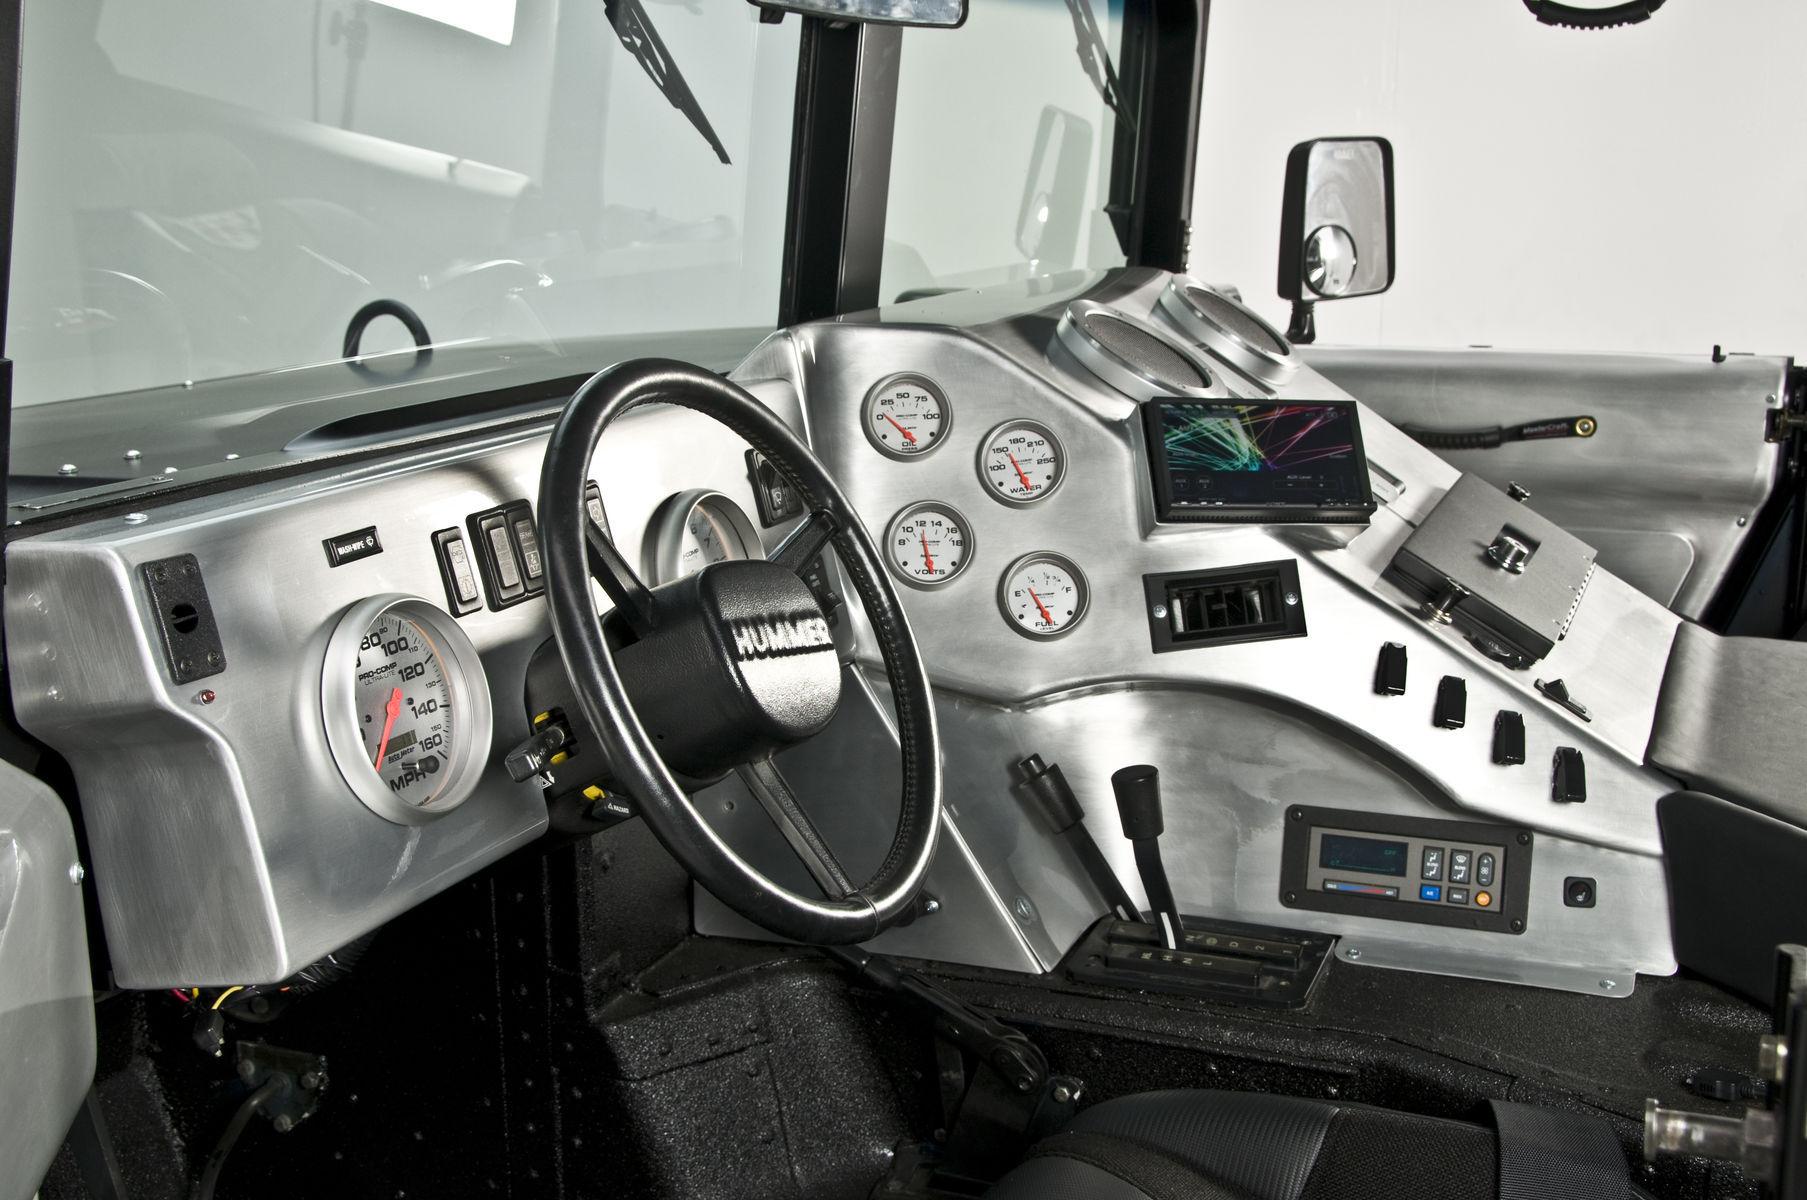 2006 HUMMER H1 | RCH Designs Custom Built Hummer H1 - Custom Interior